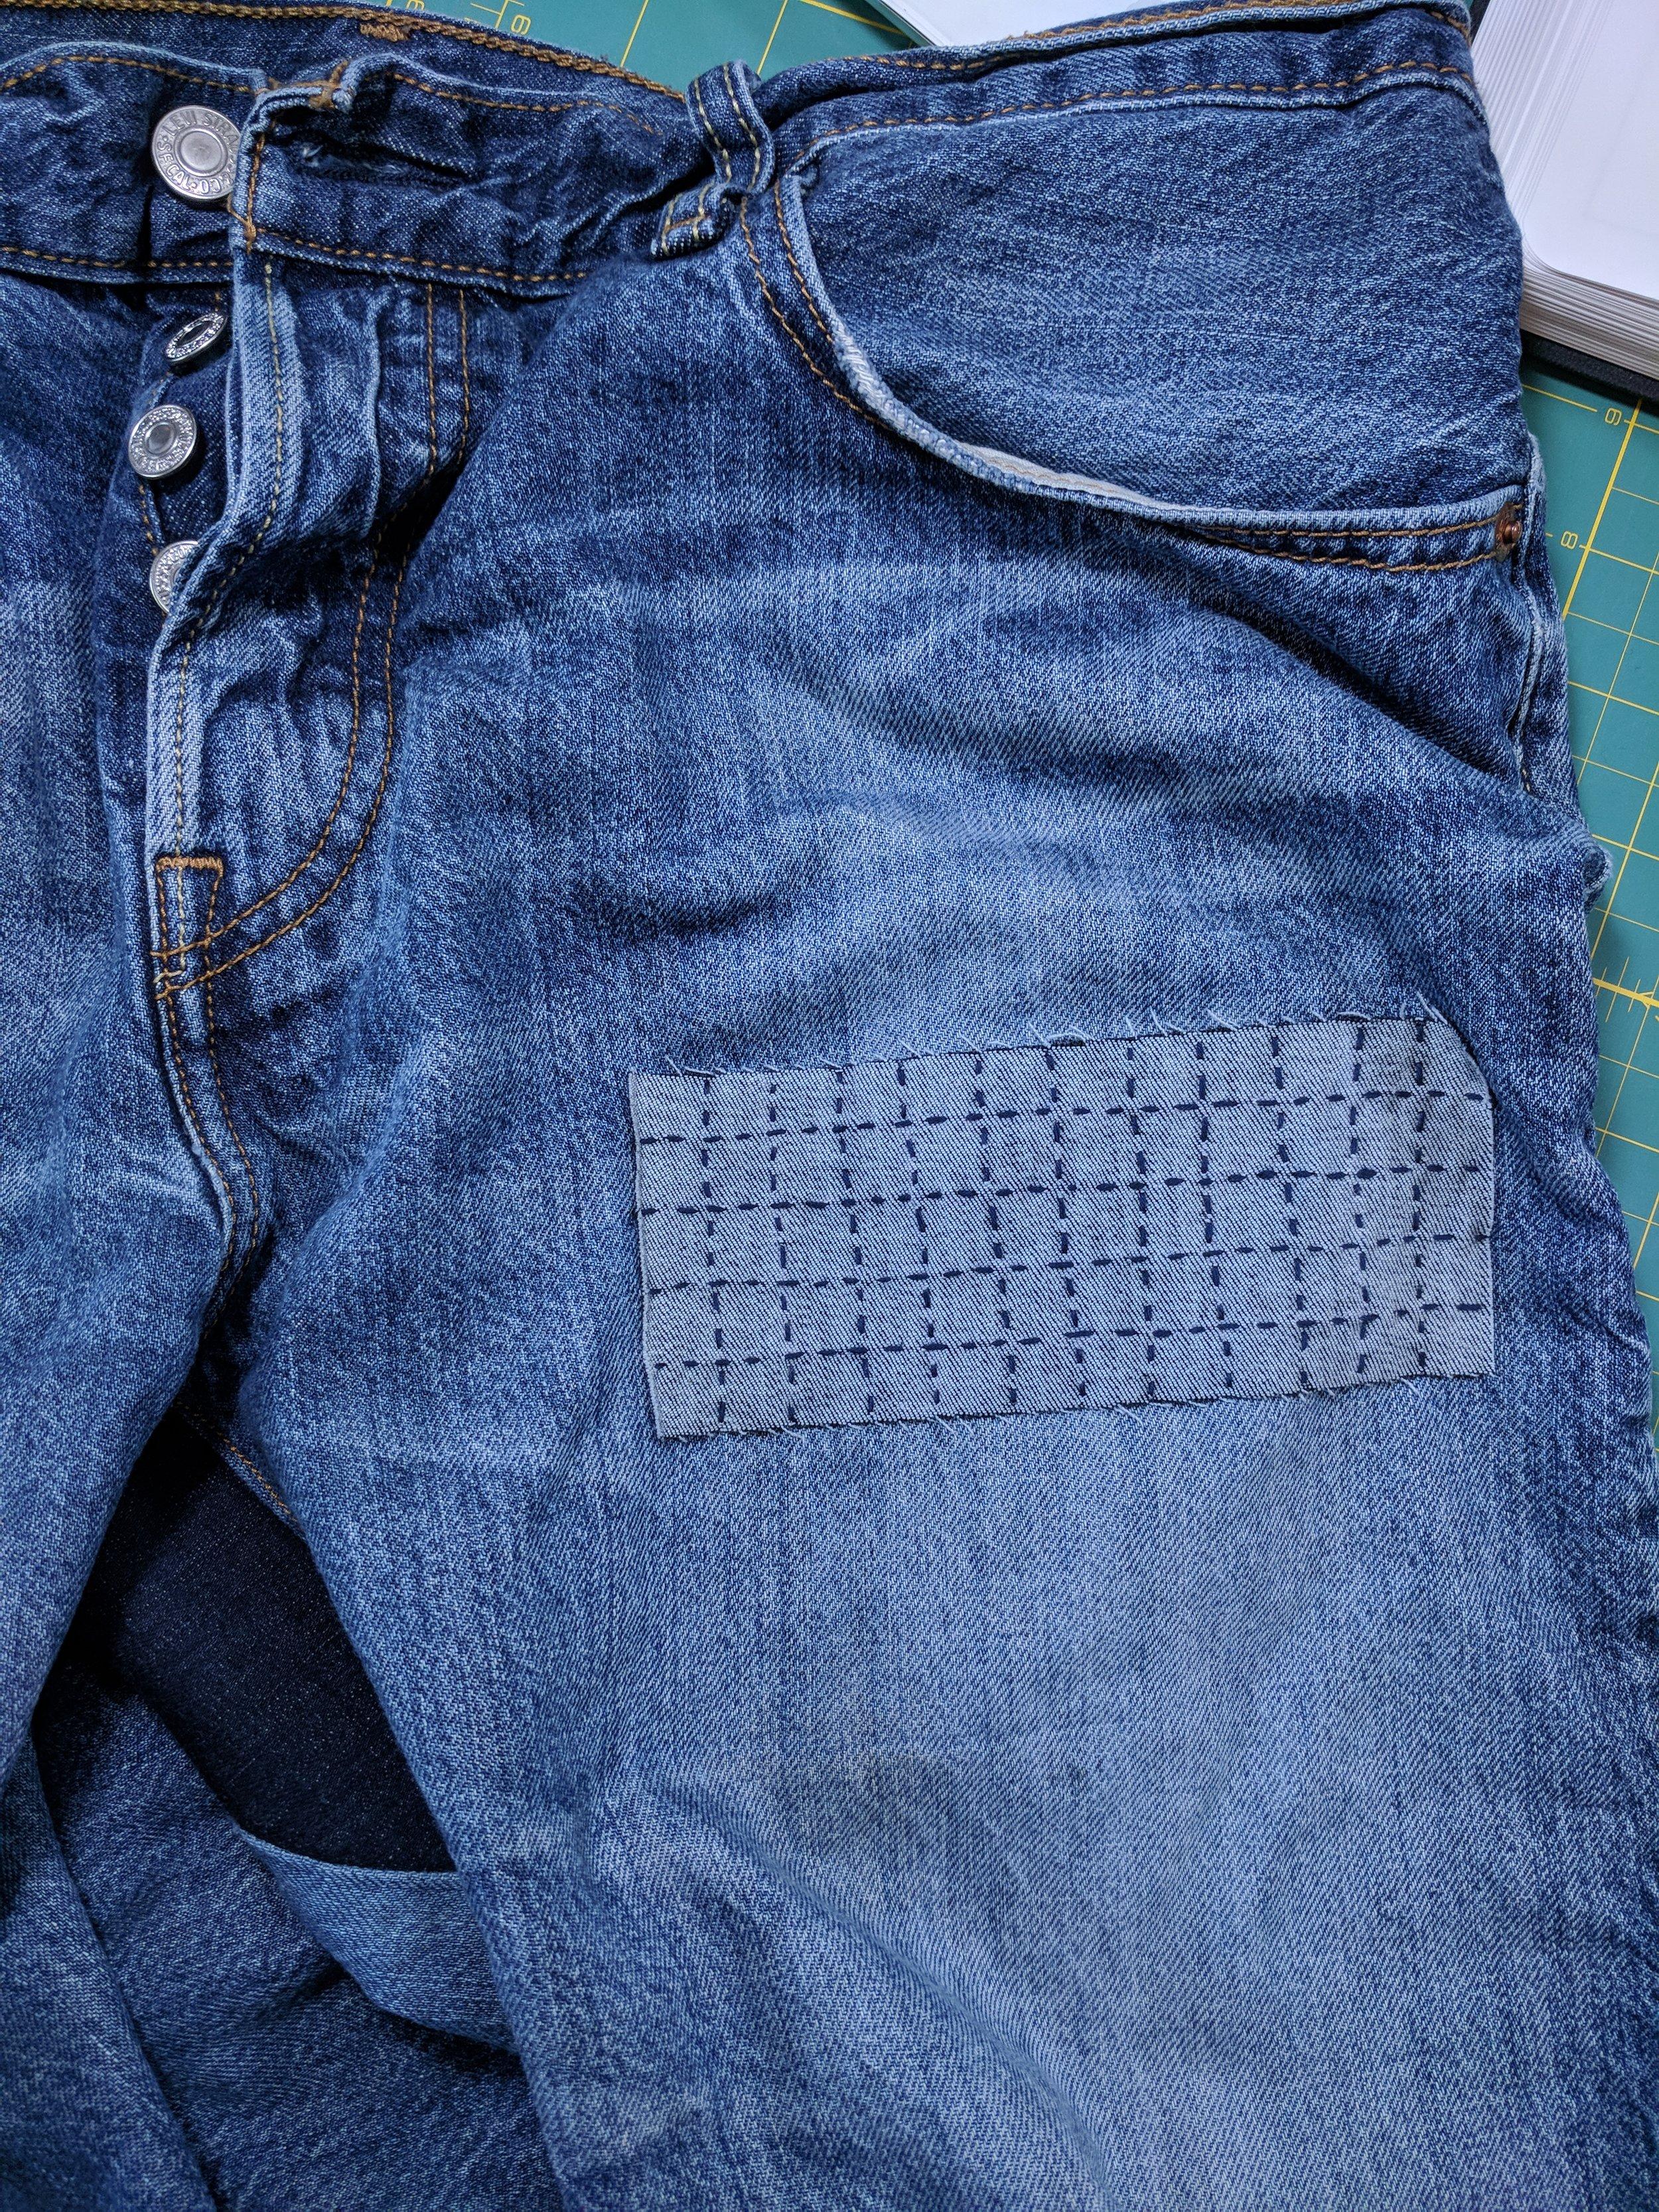 gee betty jeans repair